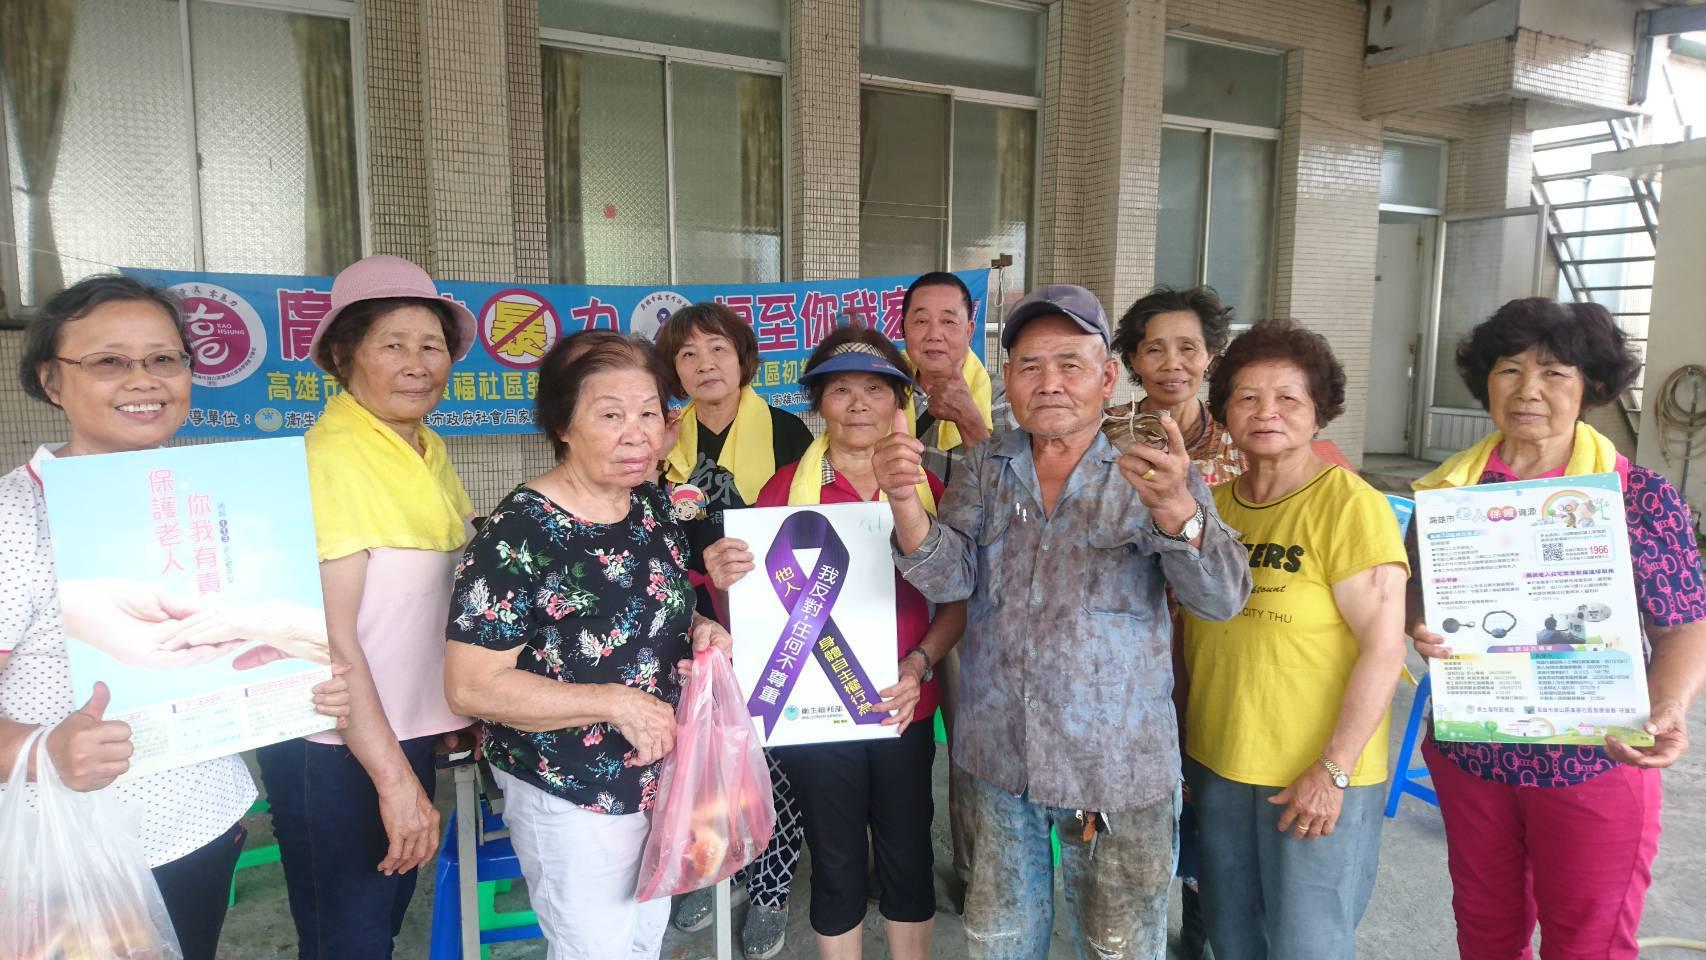 廣福社區防暴宣導讚